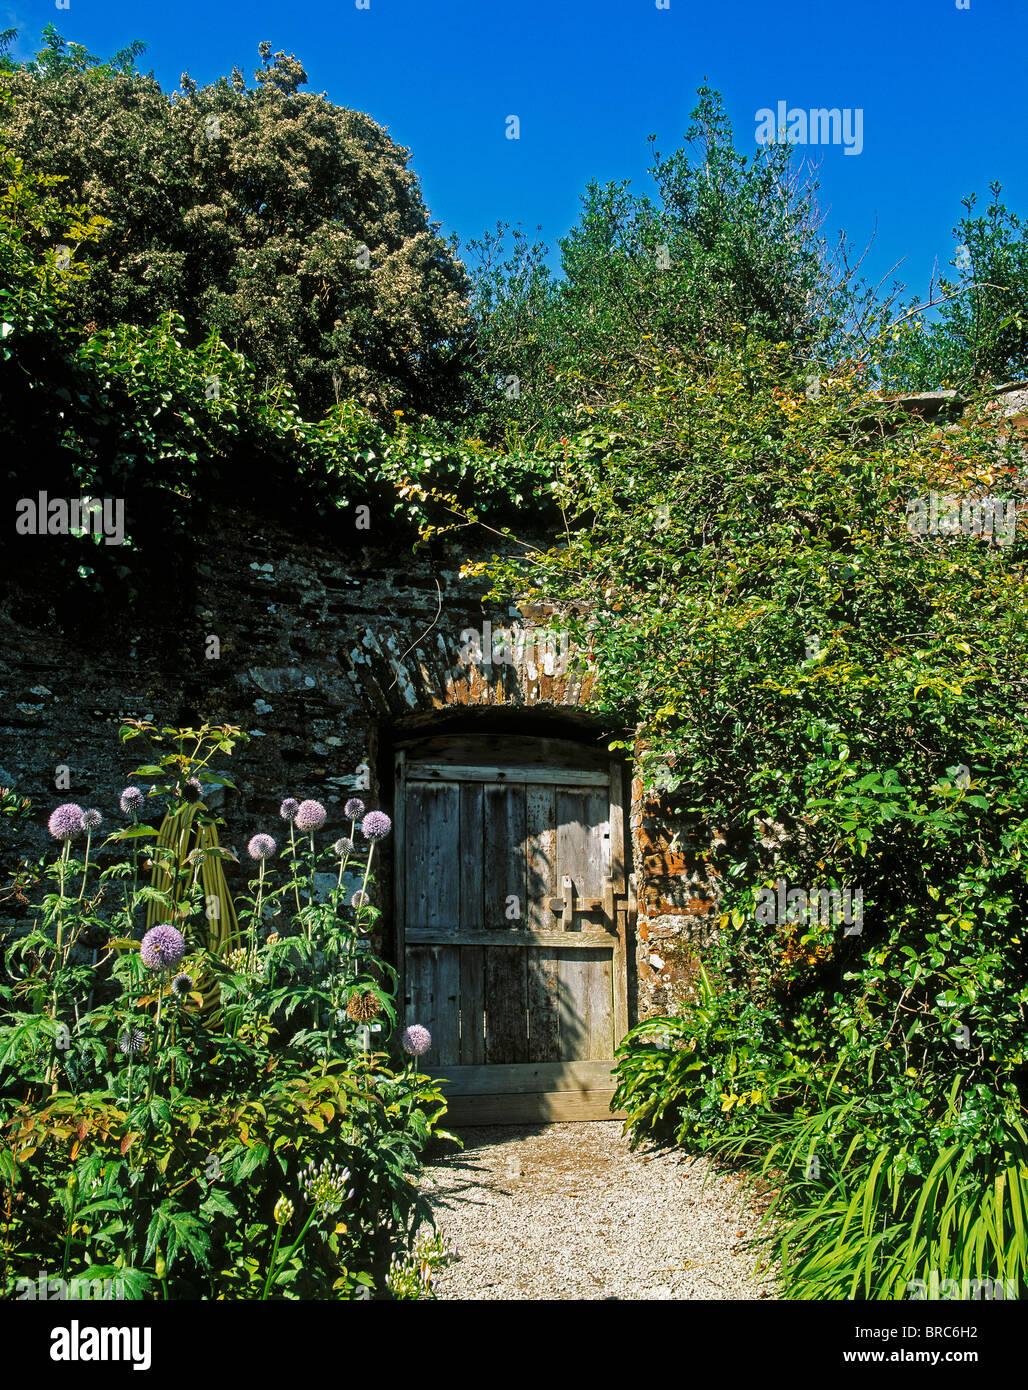 Creagh, Baltimore, Co Cork, Ireland; Old Gate To The Walled Garden Stock Photo